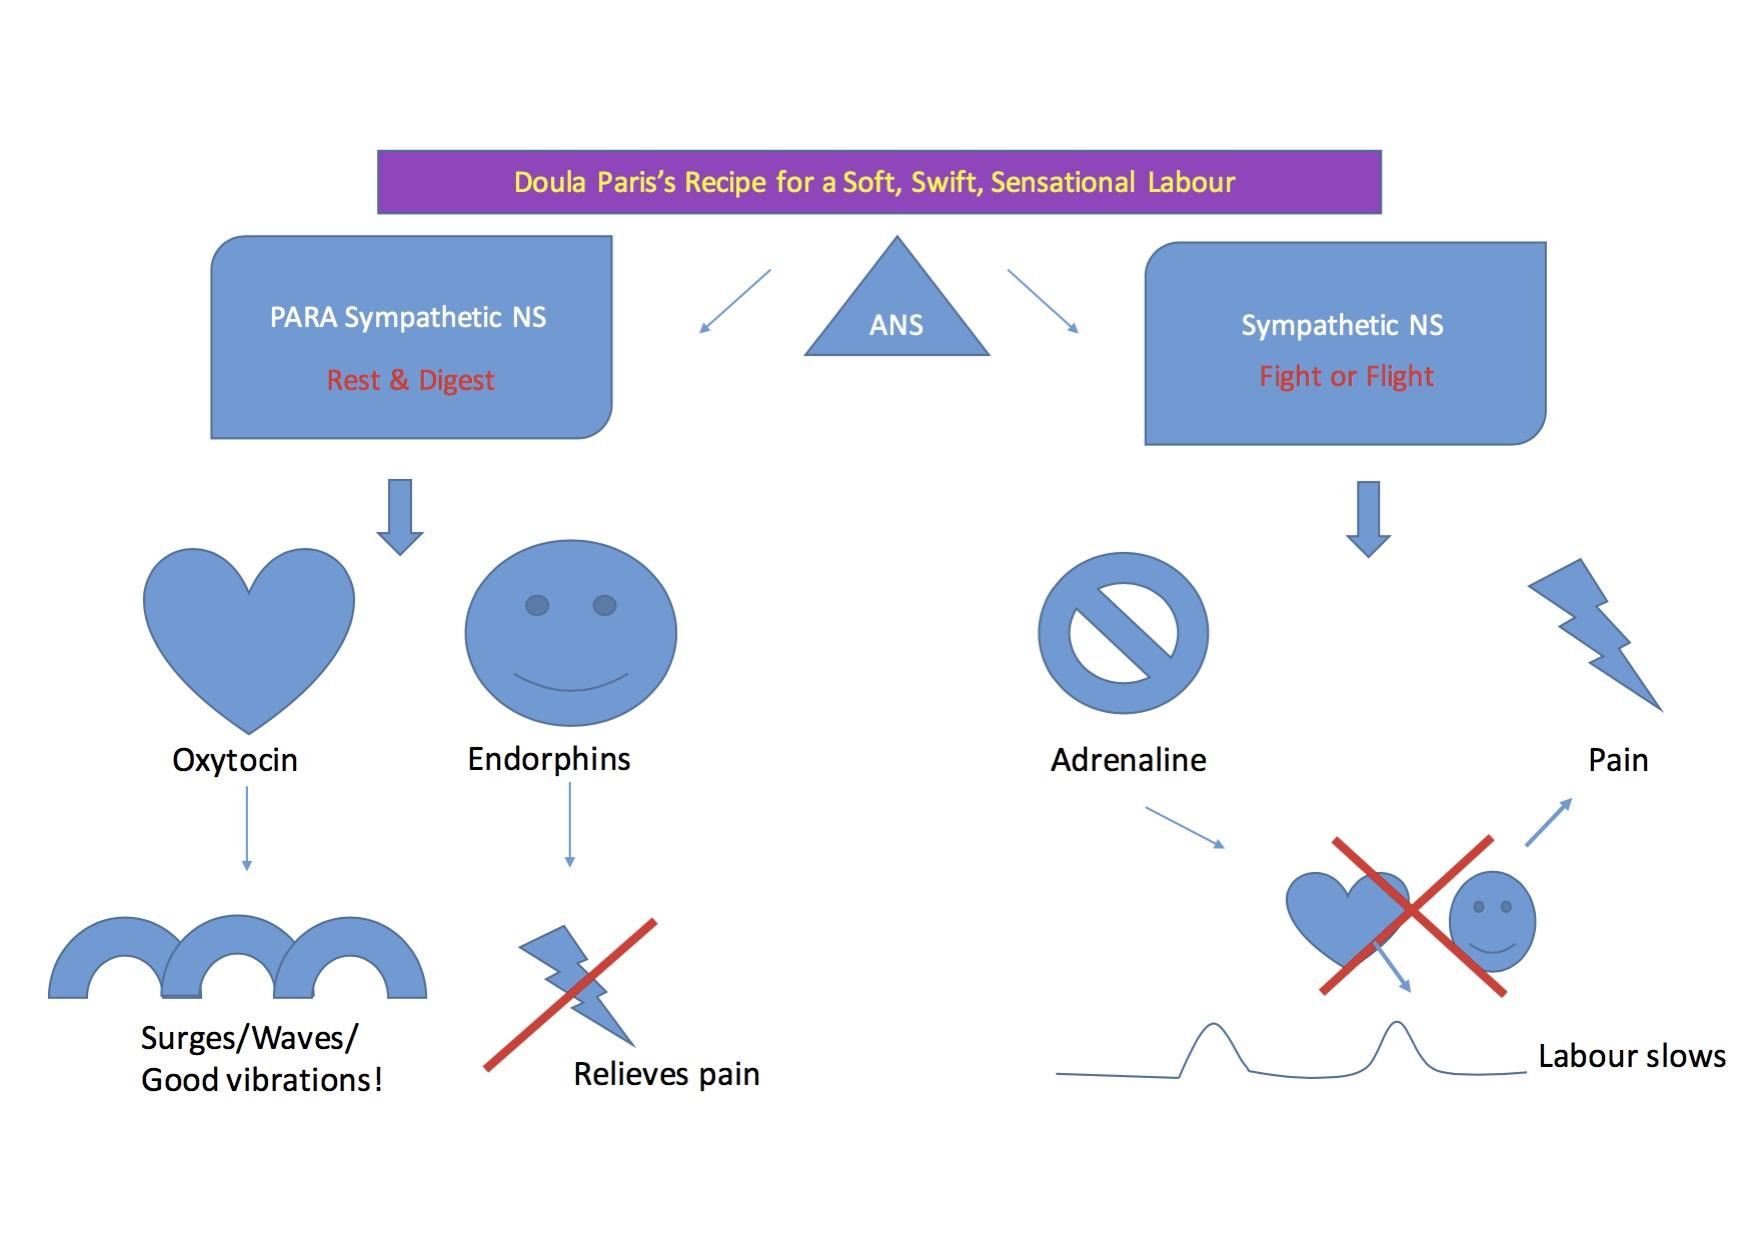 ANS = Autonomic Nervous System